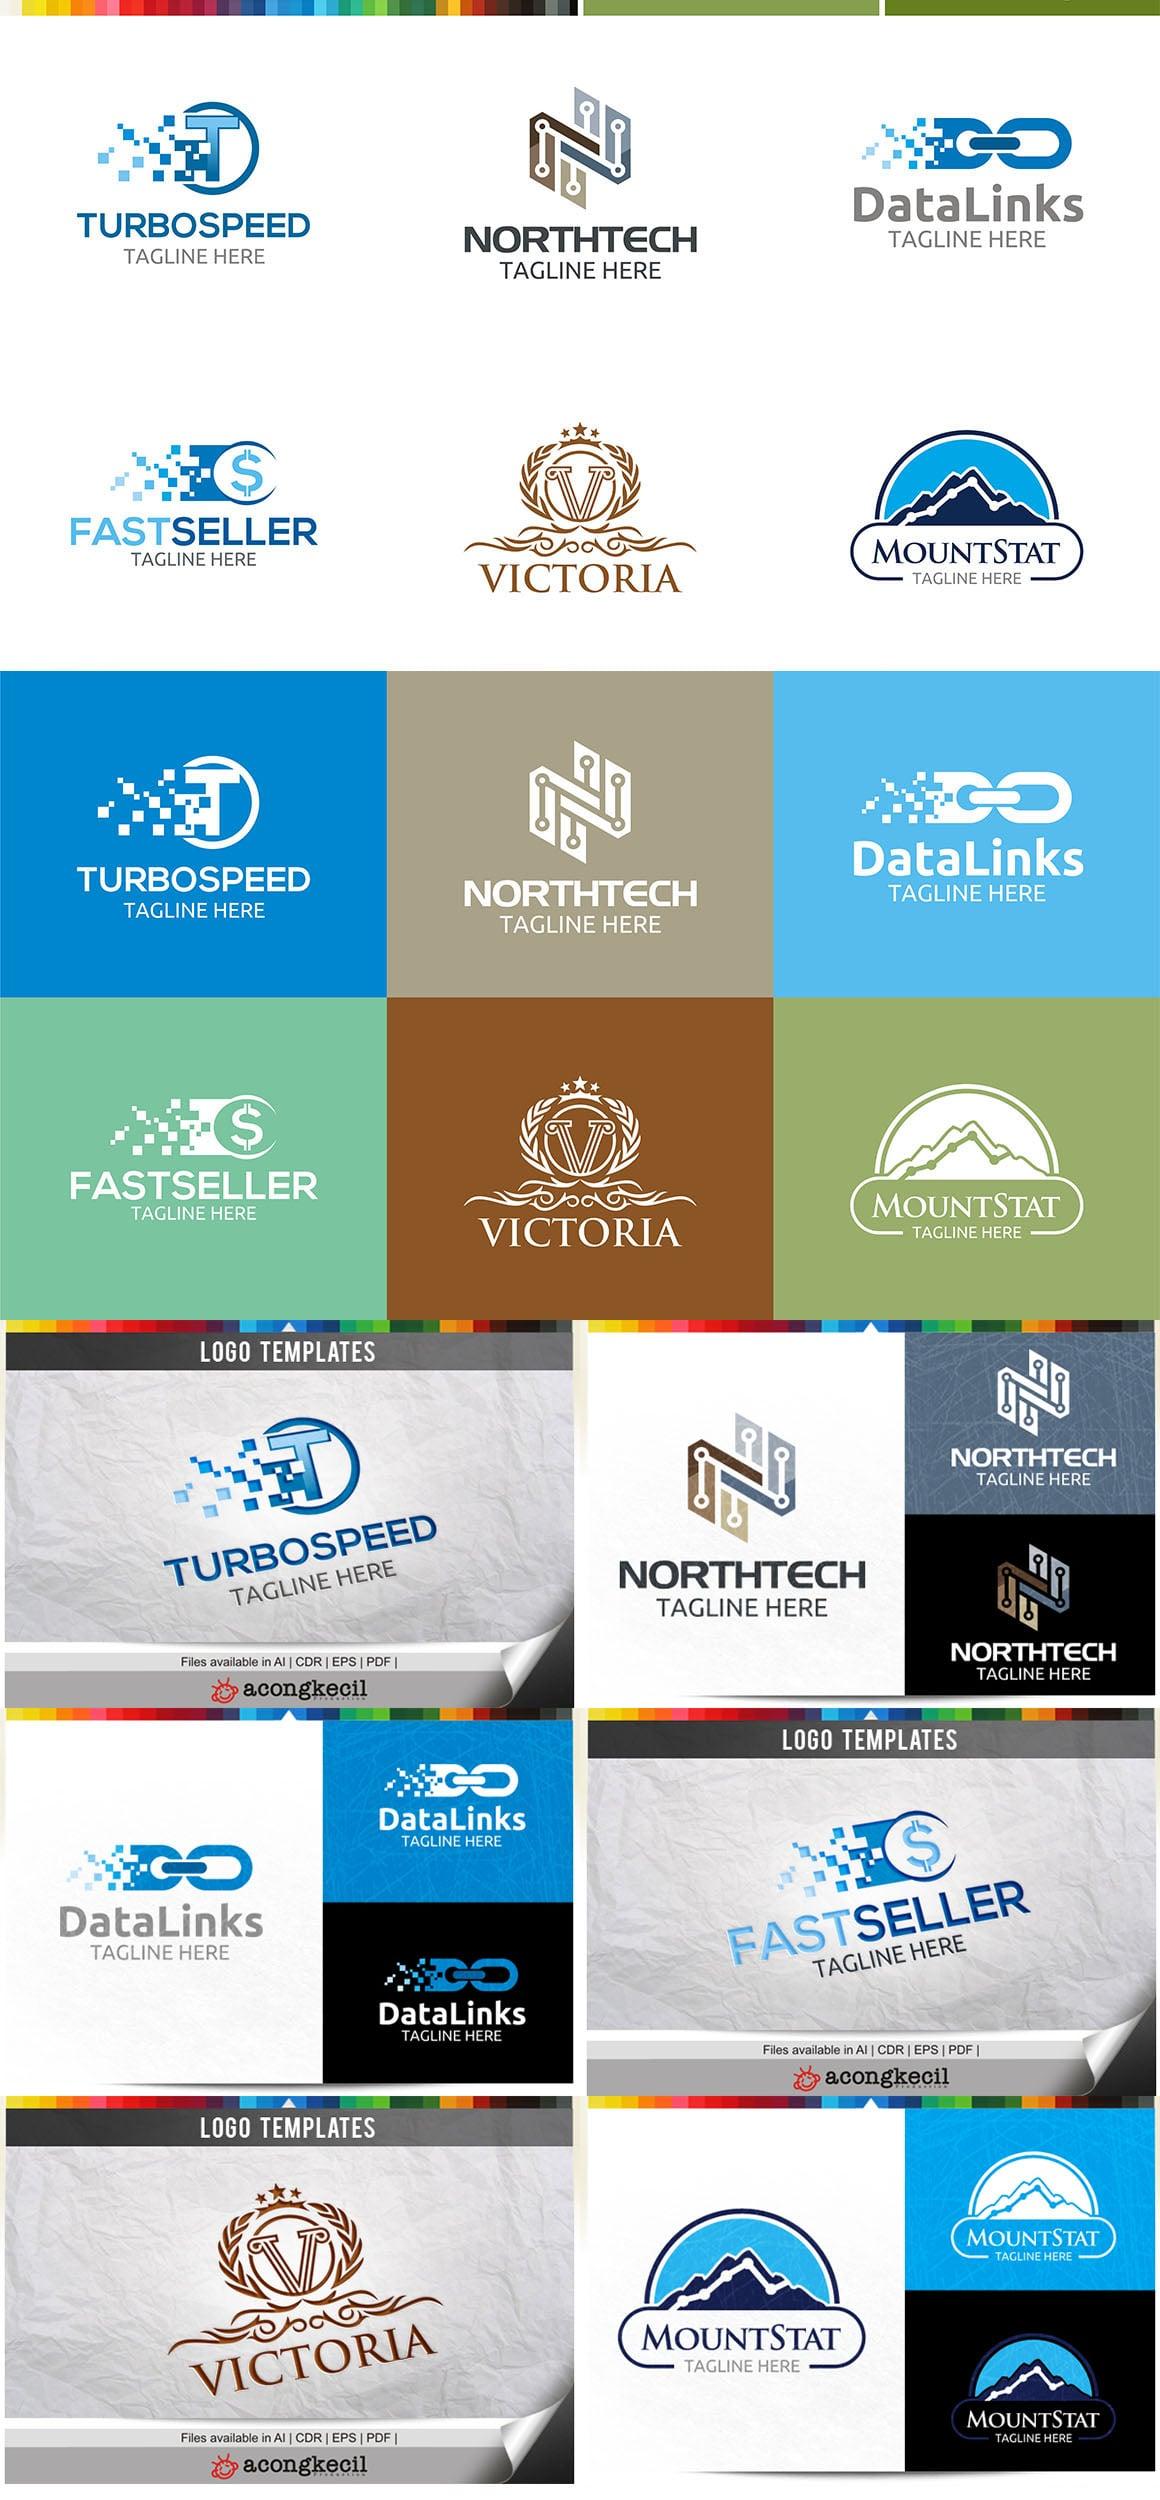 446 Business Logo Bundle - 99%+ OFF - Bundle 19 Preview5a